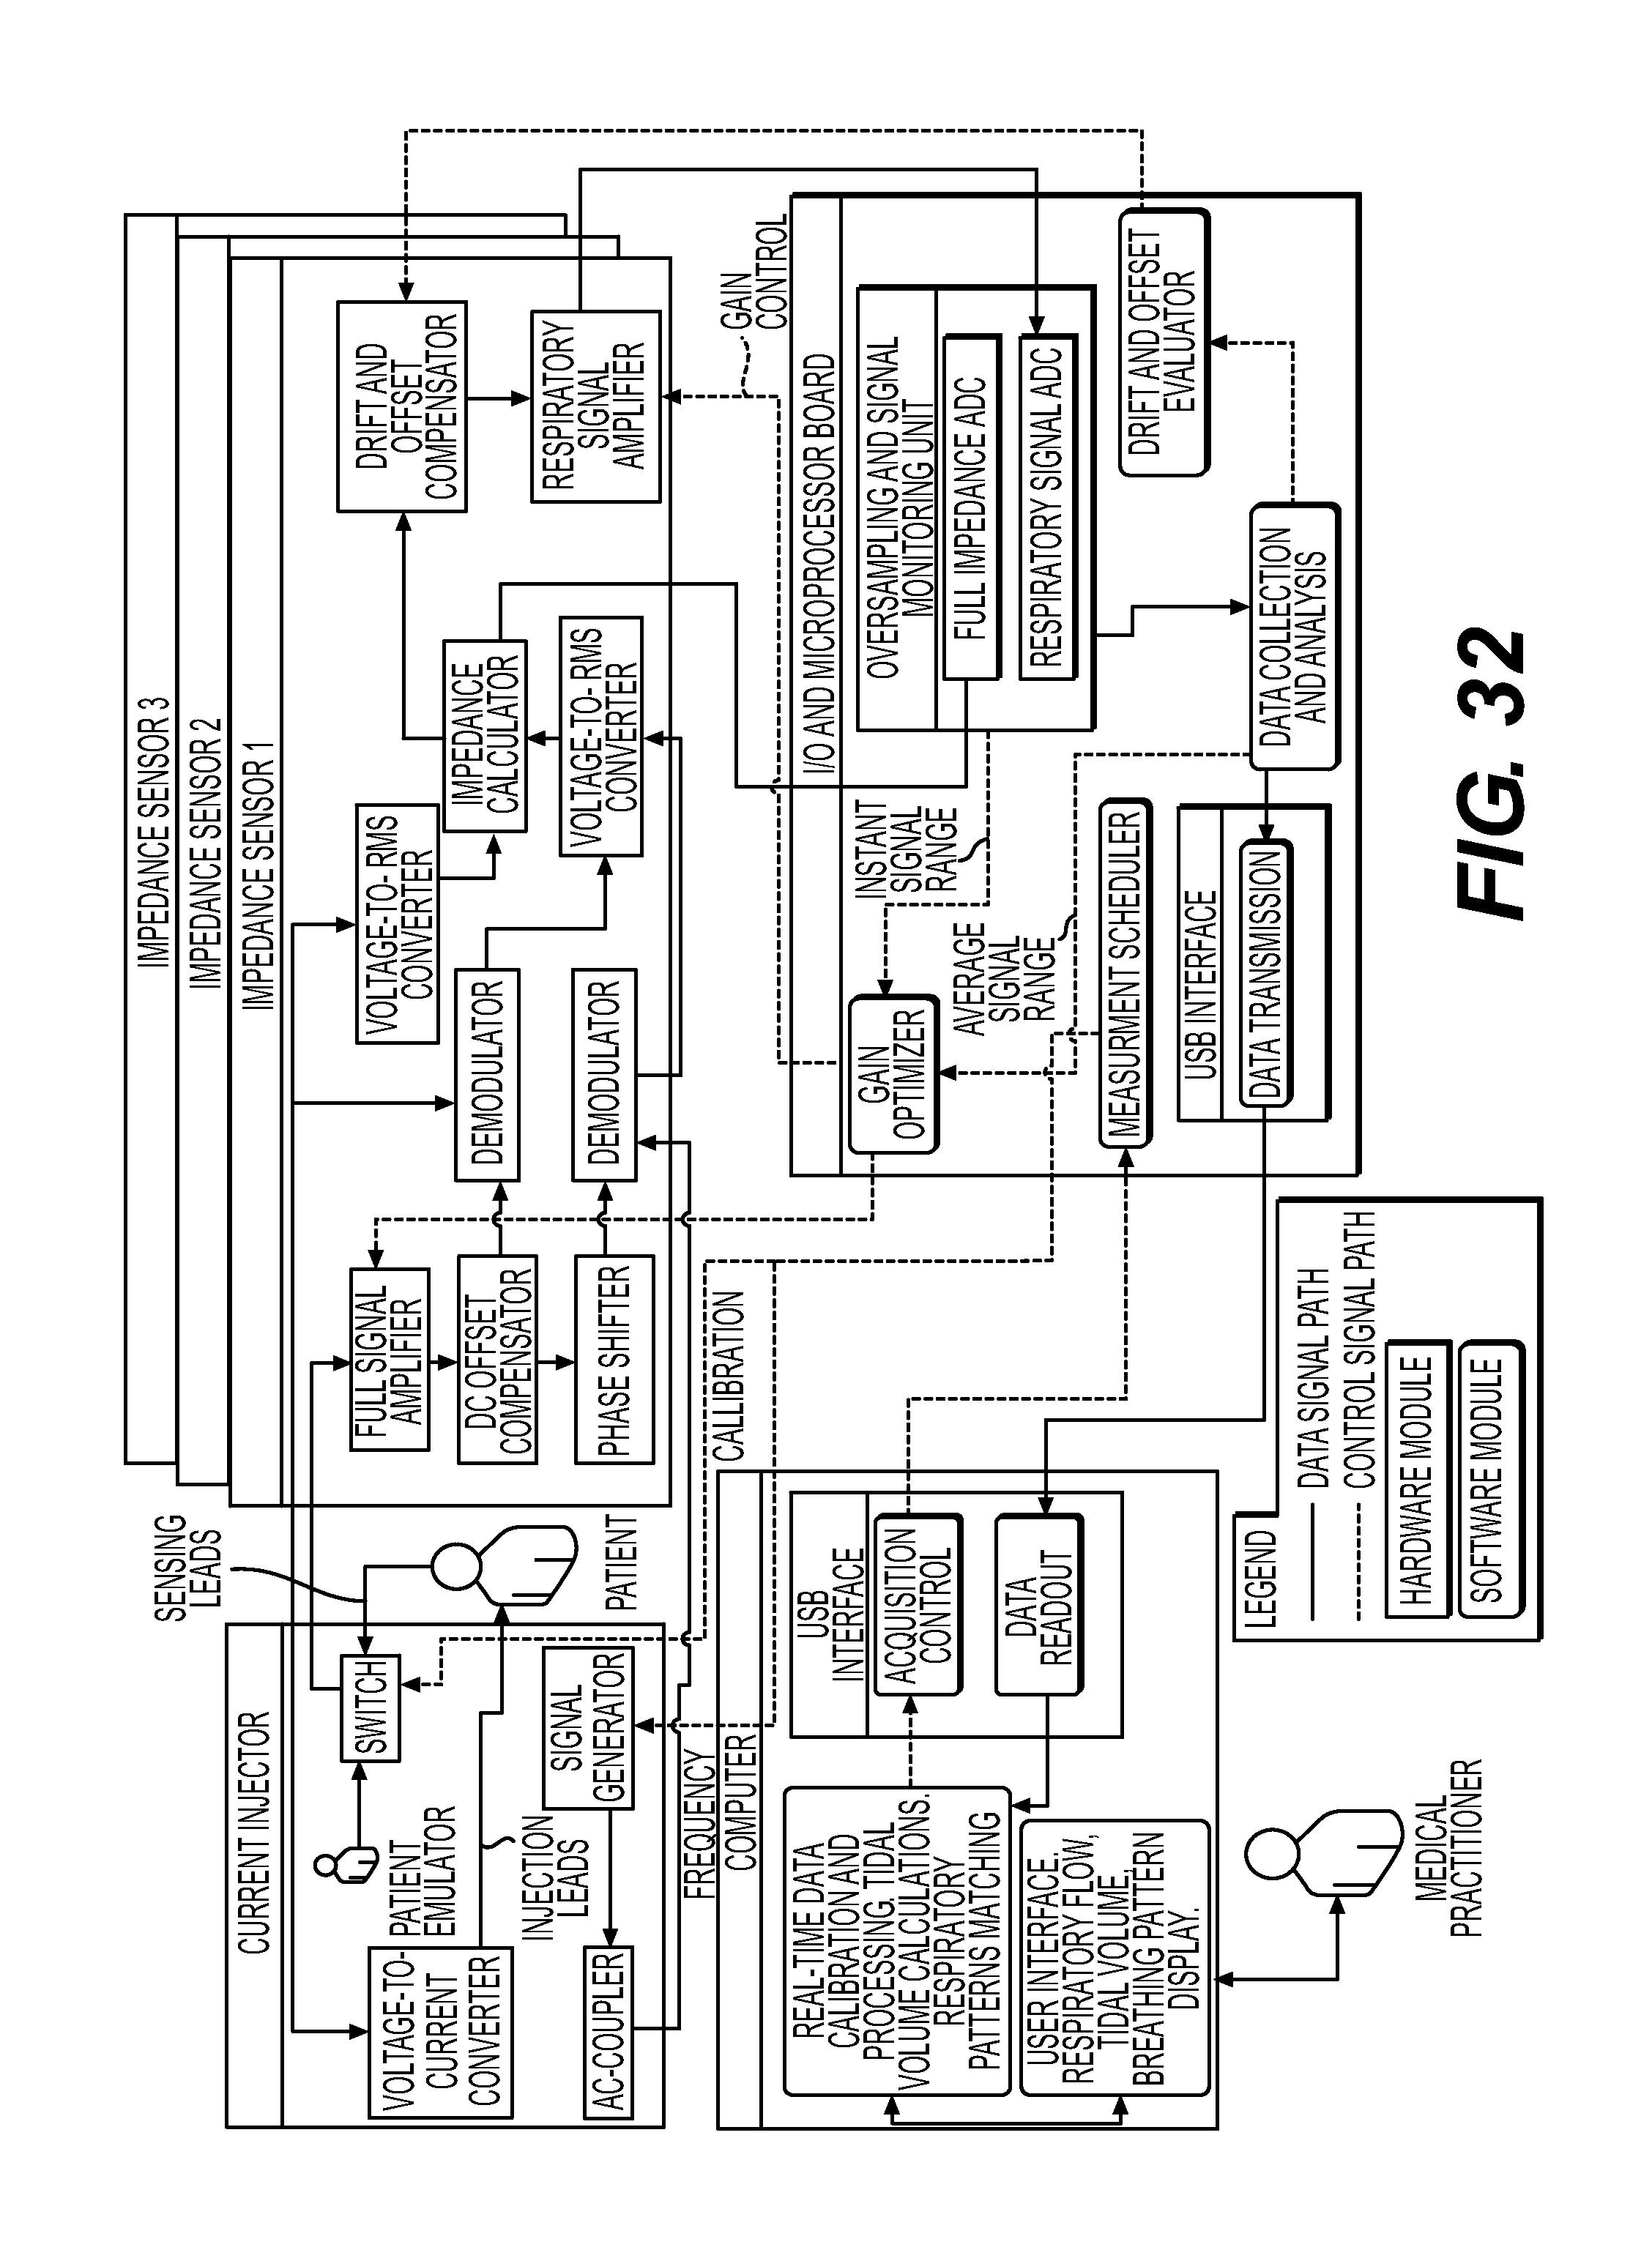 patent us20120041279